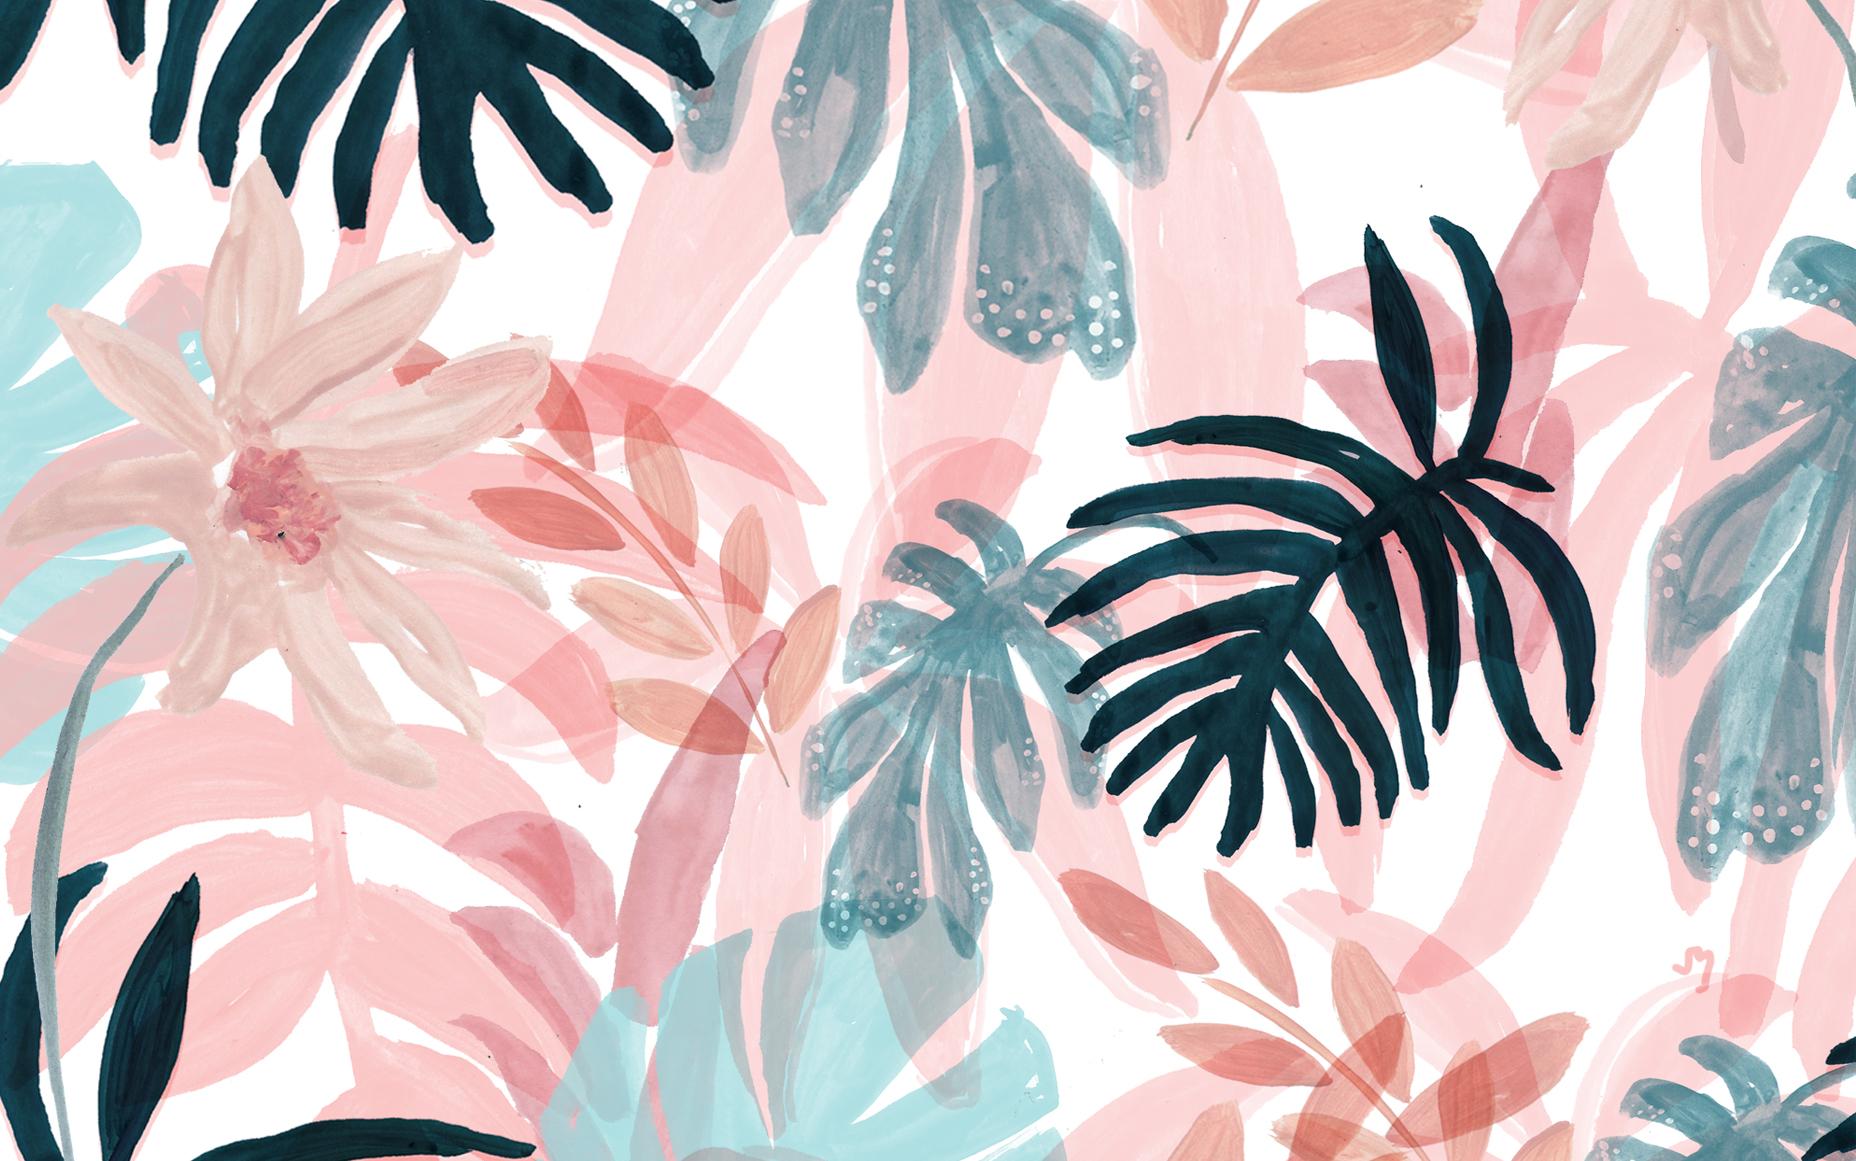 Must see Wallpaper Marble Macbook Air - macbook-background-20  Graphic_195320.jpg